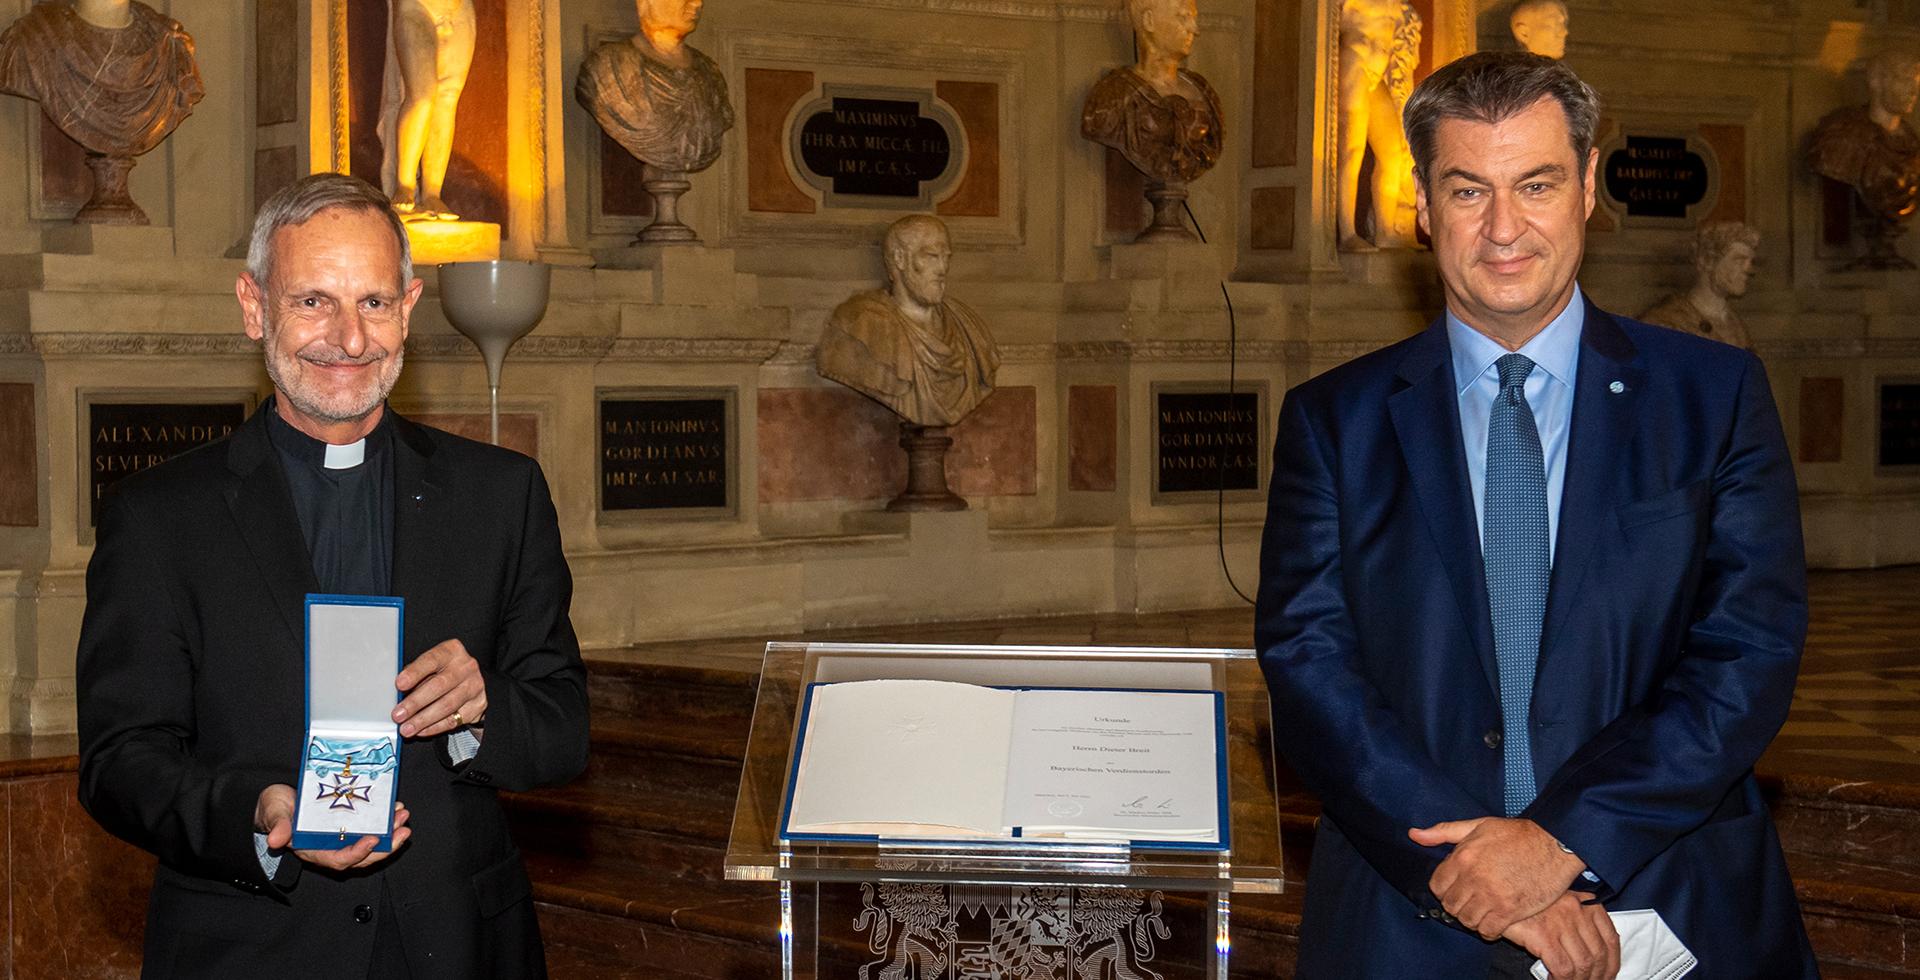 Kirchenrat Dieter Breit und Ministerpräsident Markus Söder bei der Übergabe des Verdienstordens